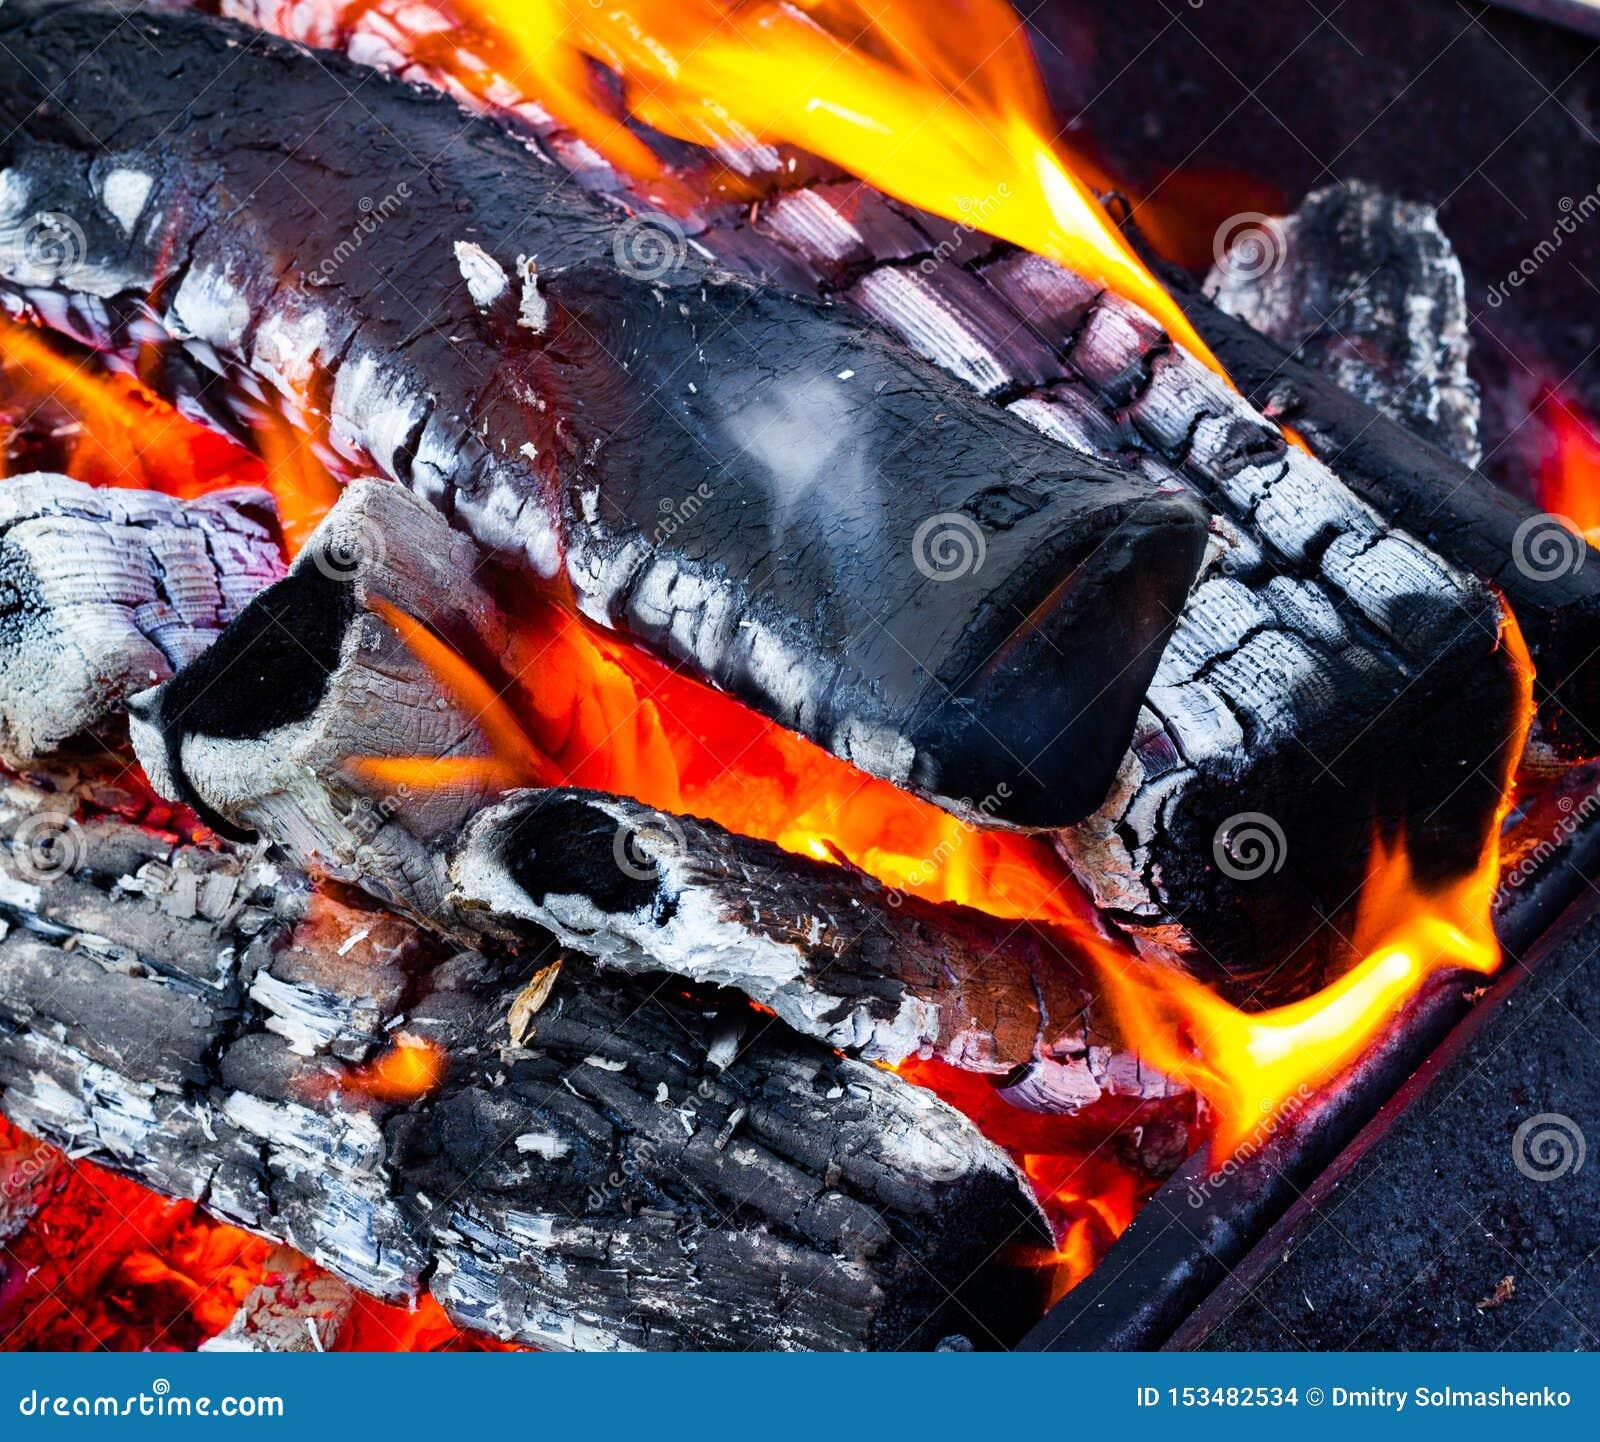 Cierre abierto del fuego para arriba, leña, carbón y ceniza ardientes Fuego en una chimenea abierta